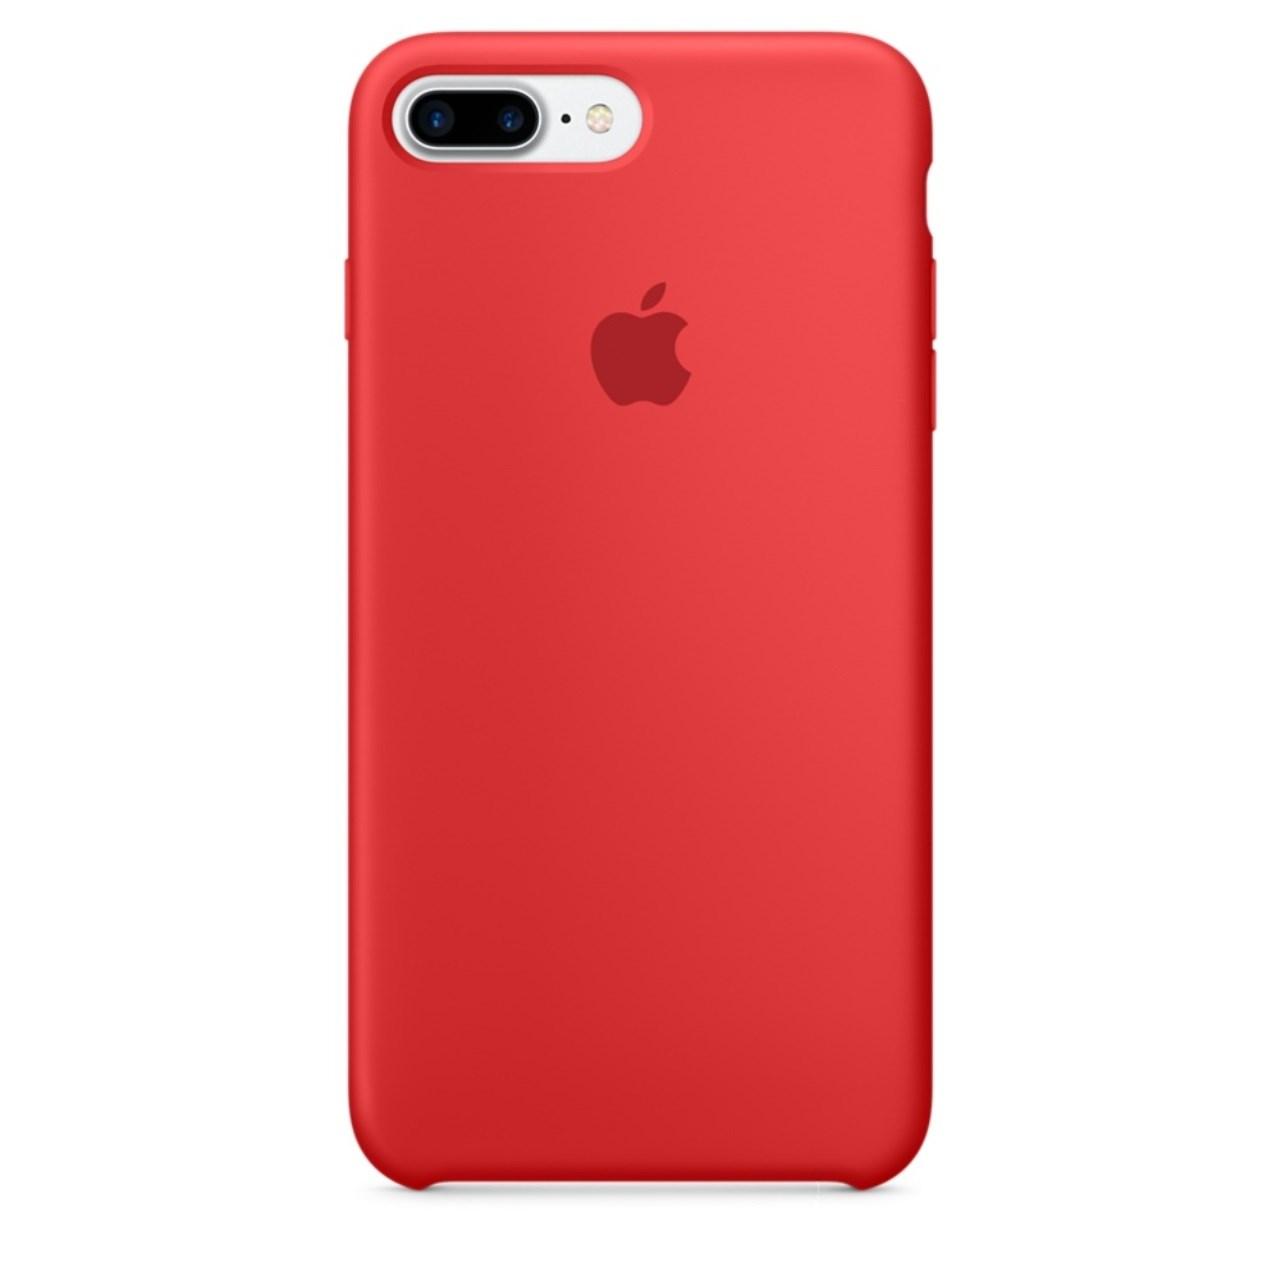 کاور سیلیکونی مناسب برای گوشی موبایل آیفون 7/8 پلاس              ( قیمت و خرید)